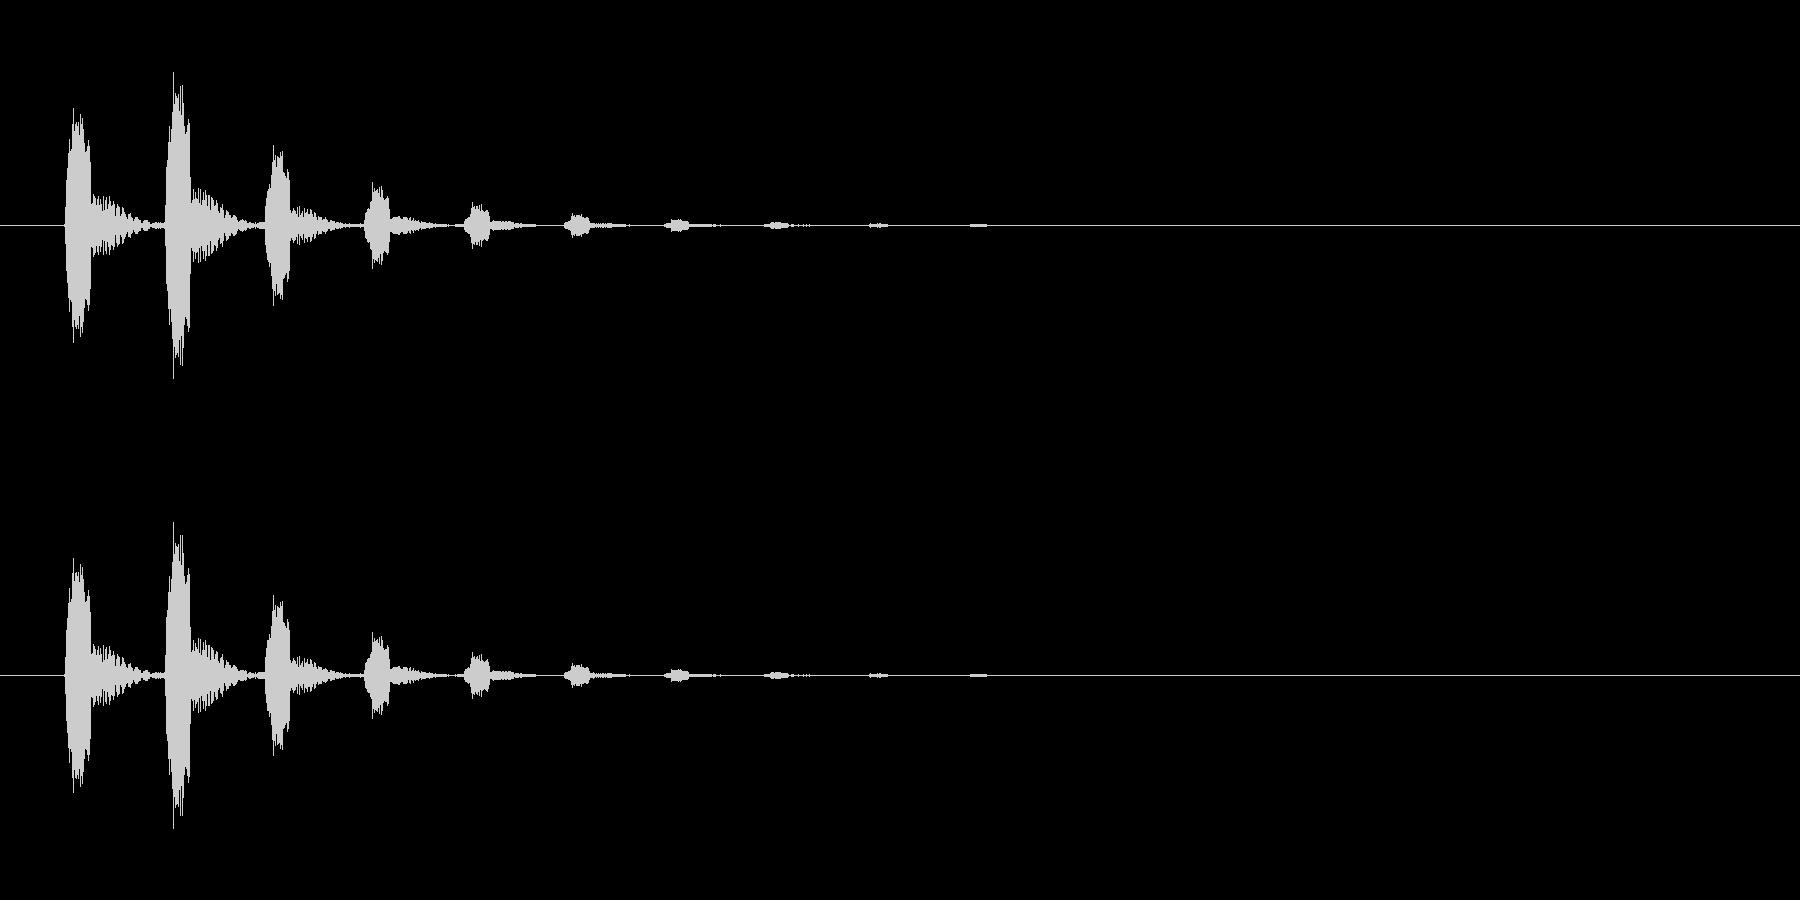 【びっくり04-1】の未再生の波形